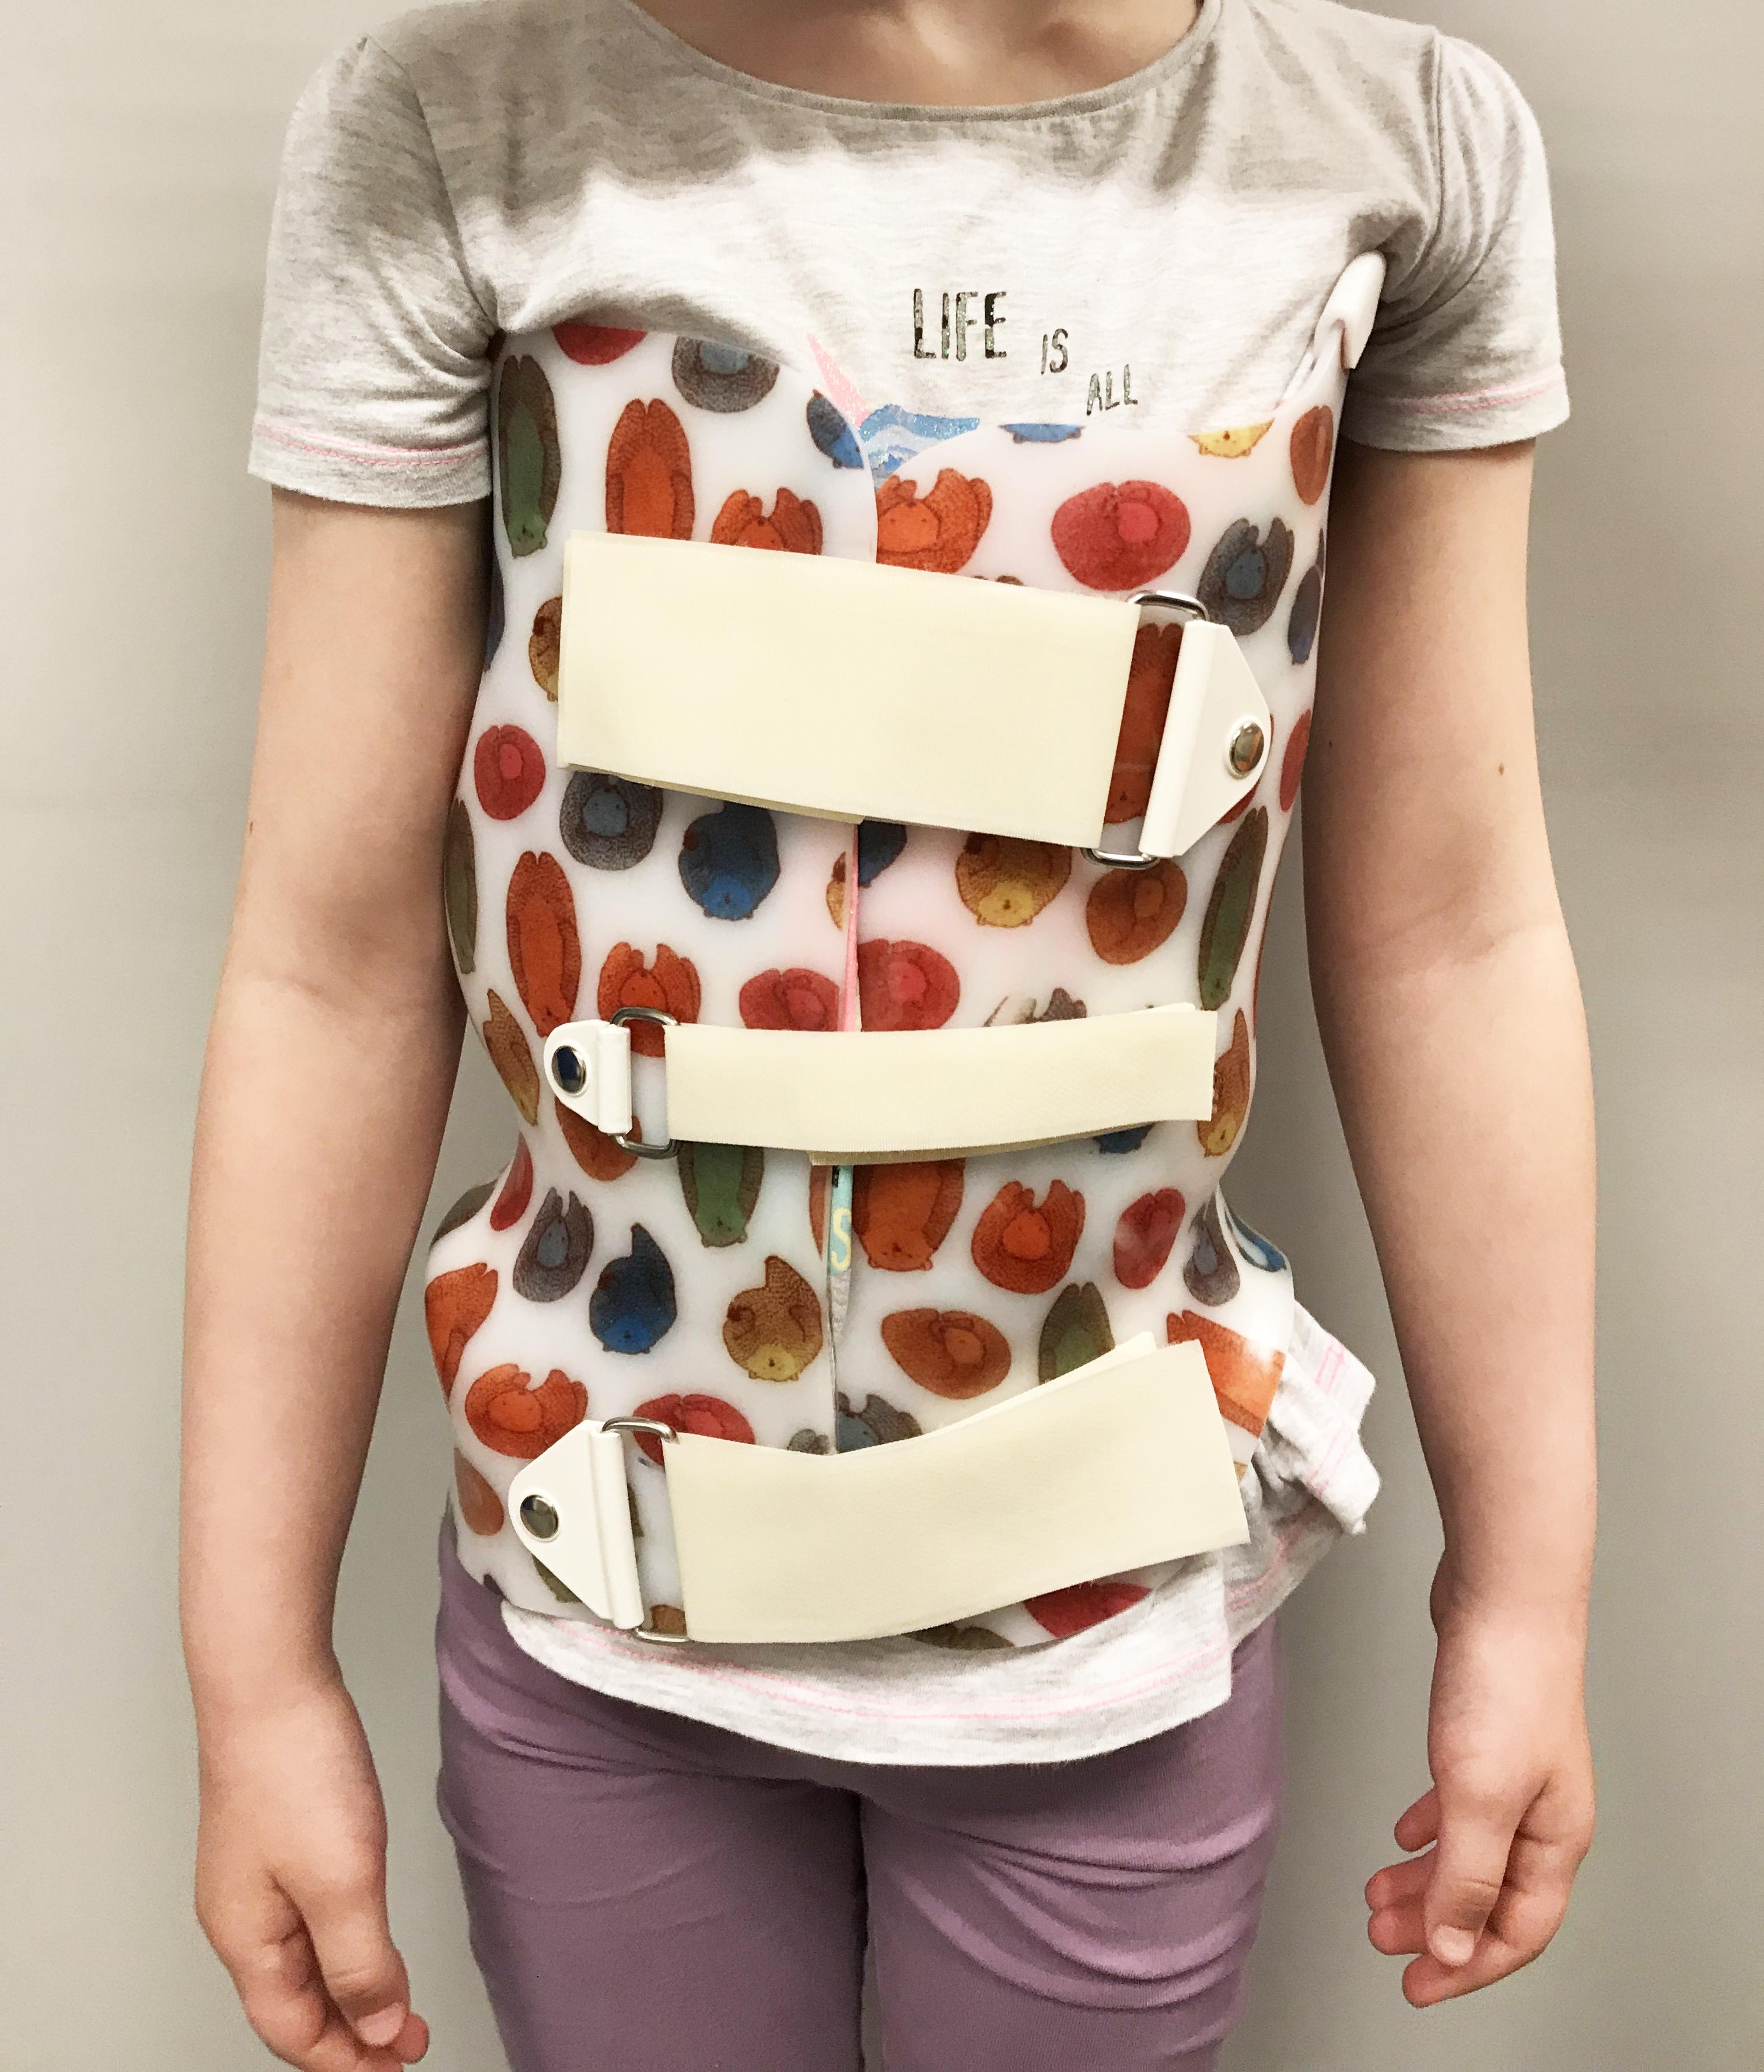 Korseto dėvėjimas padeda gydyti skoliozę.